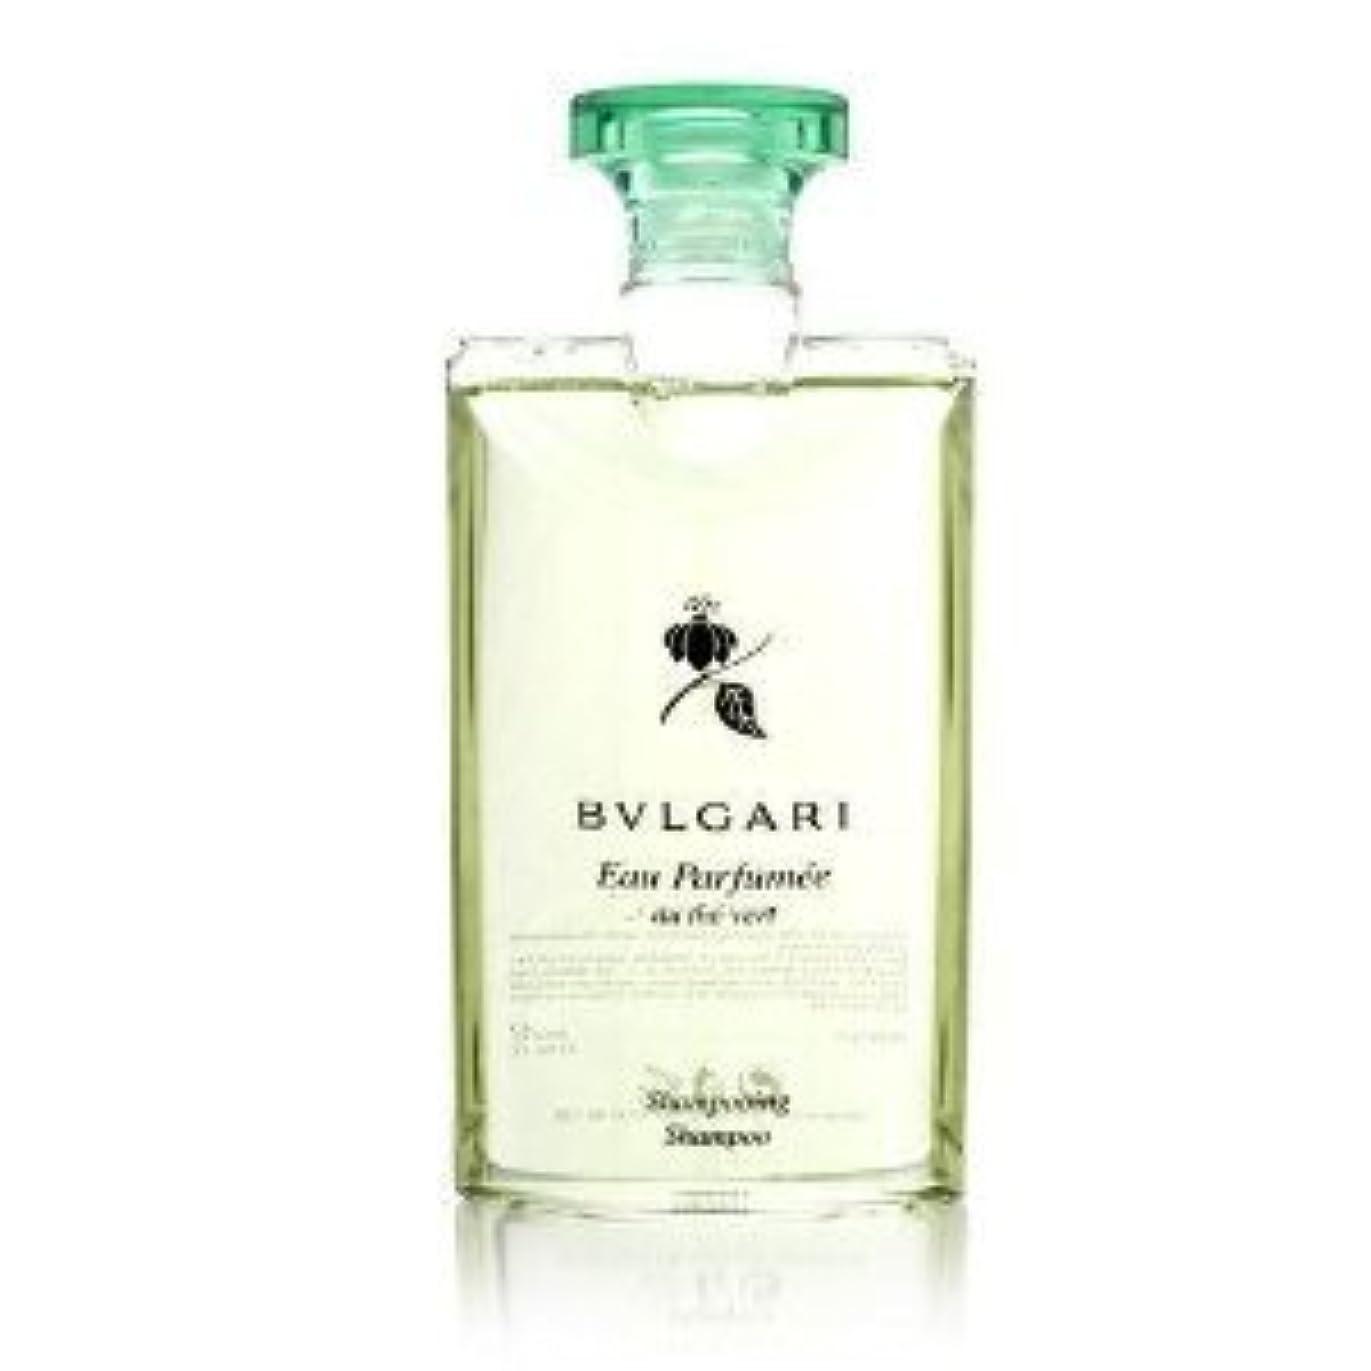 ユダヤ人ルーム一月Bvlgari Eau Parfumee au the vert (ブルガリ オー パフュ-メ オウ ザ バート / グリーン ティー) 2.5 oz (75ml) シャンプー